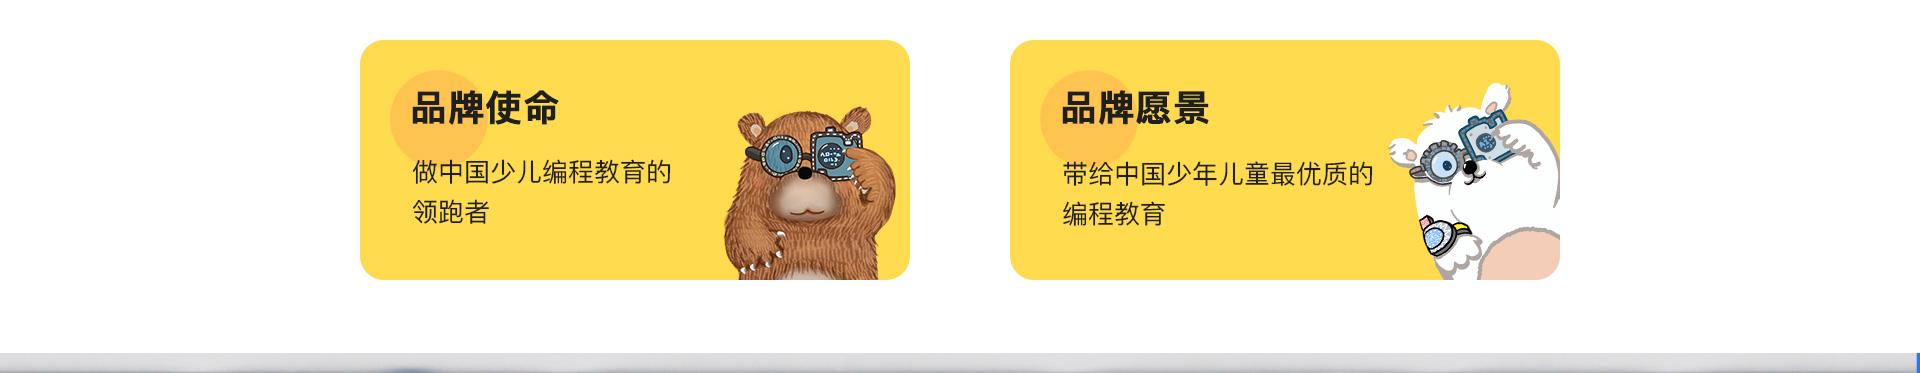 小科熊少儿编程详情_09